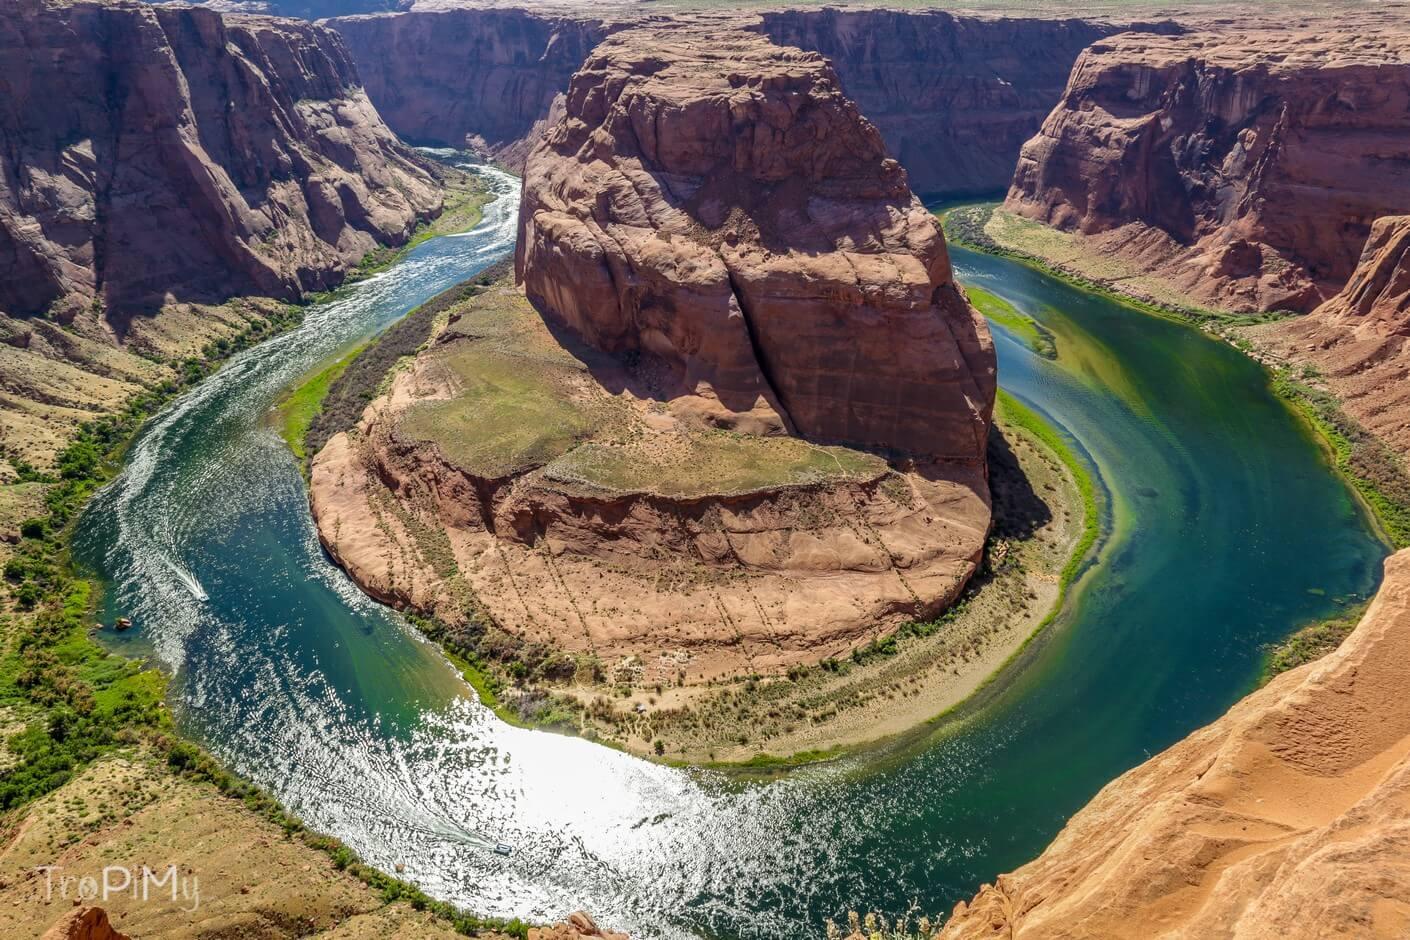 Pełne podłączenie kempingu w Arizonie